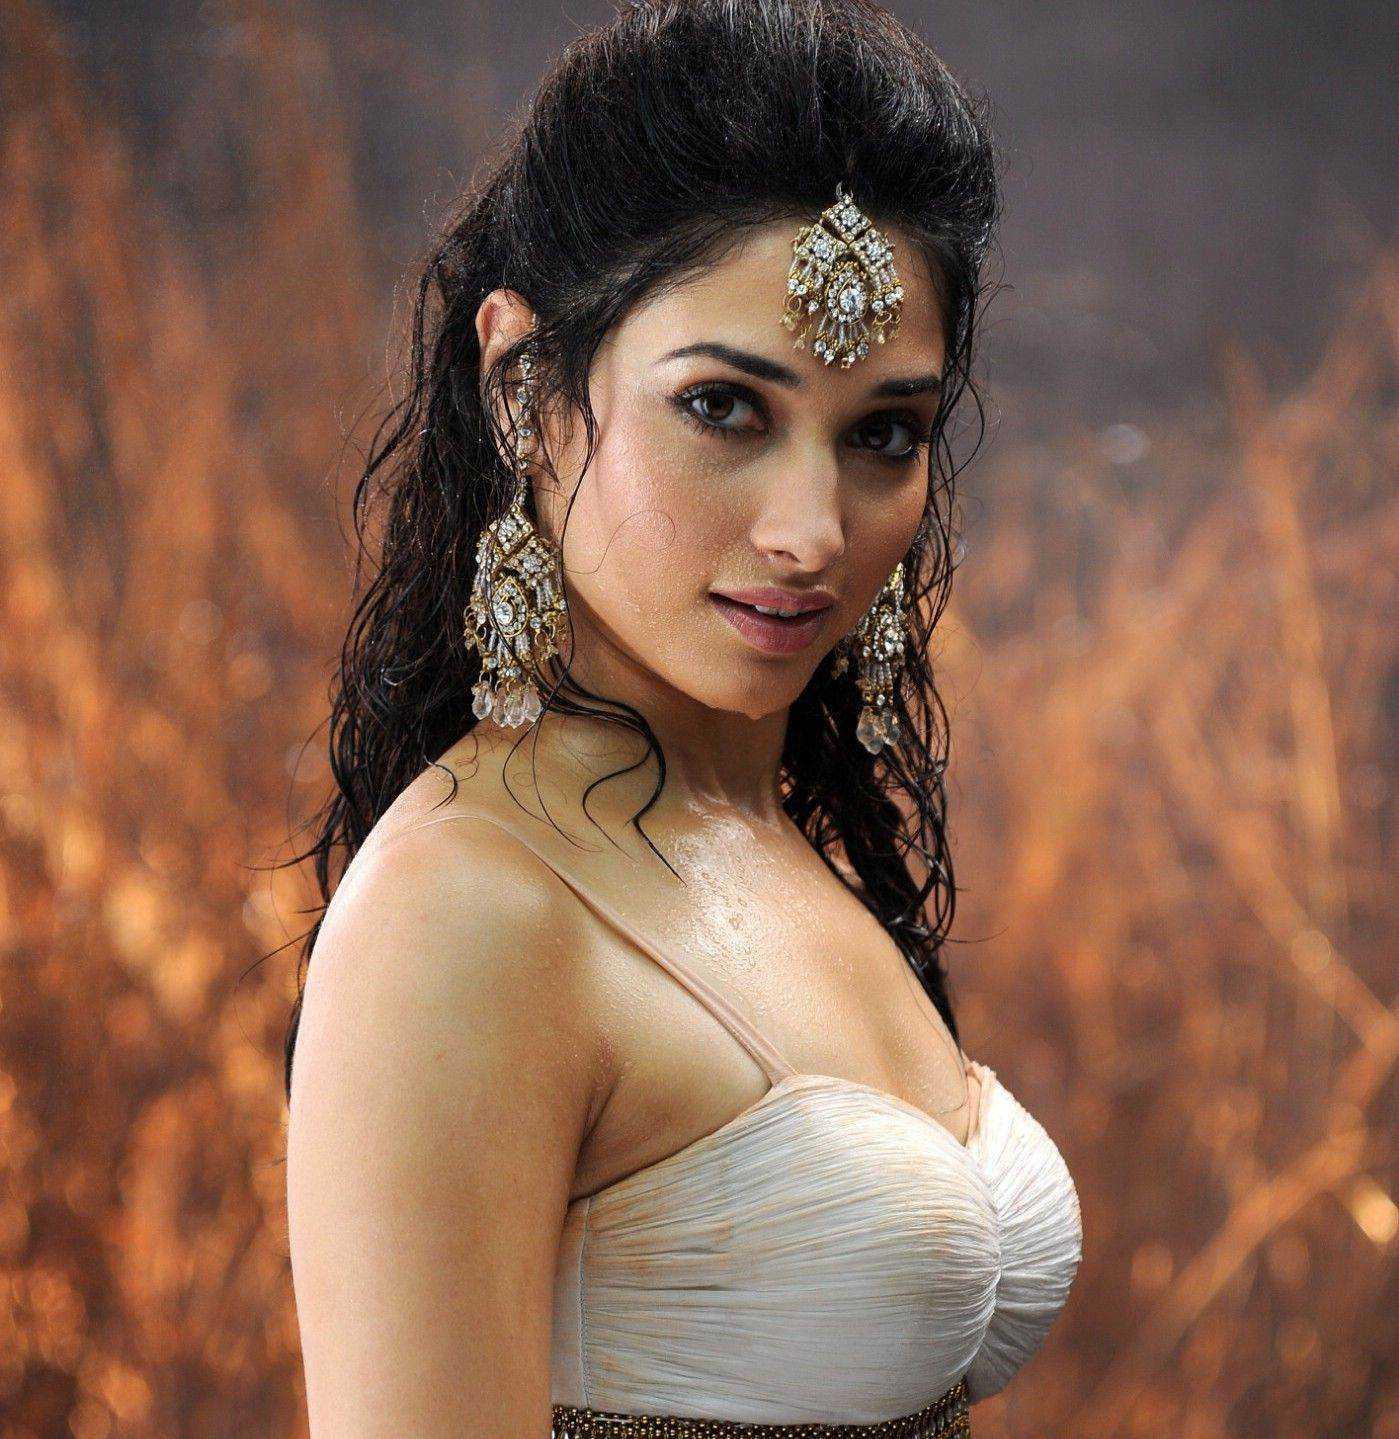 film actress tamannah bhatia -#main